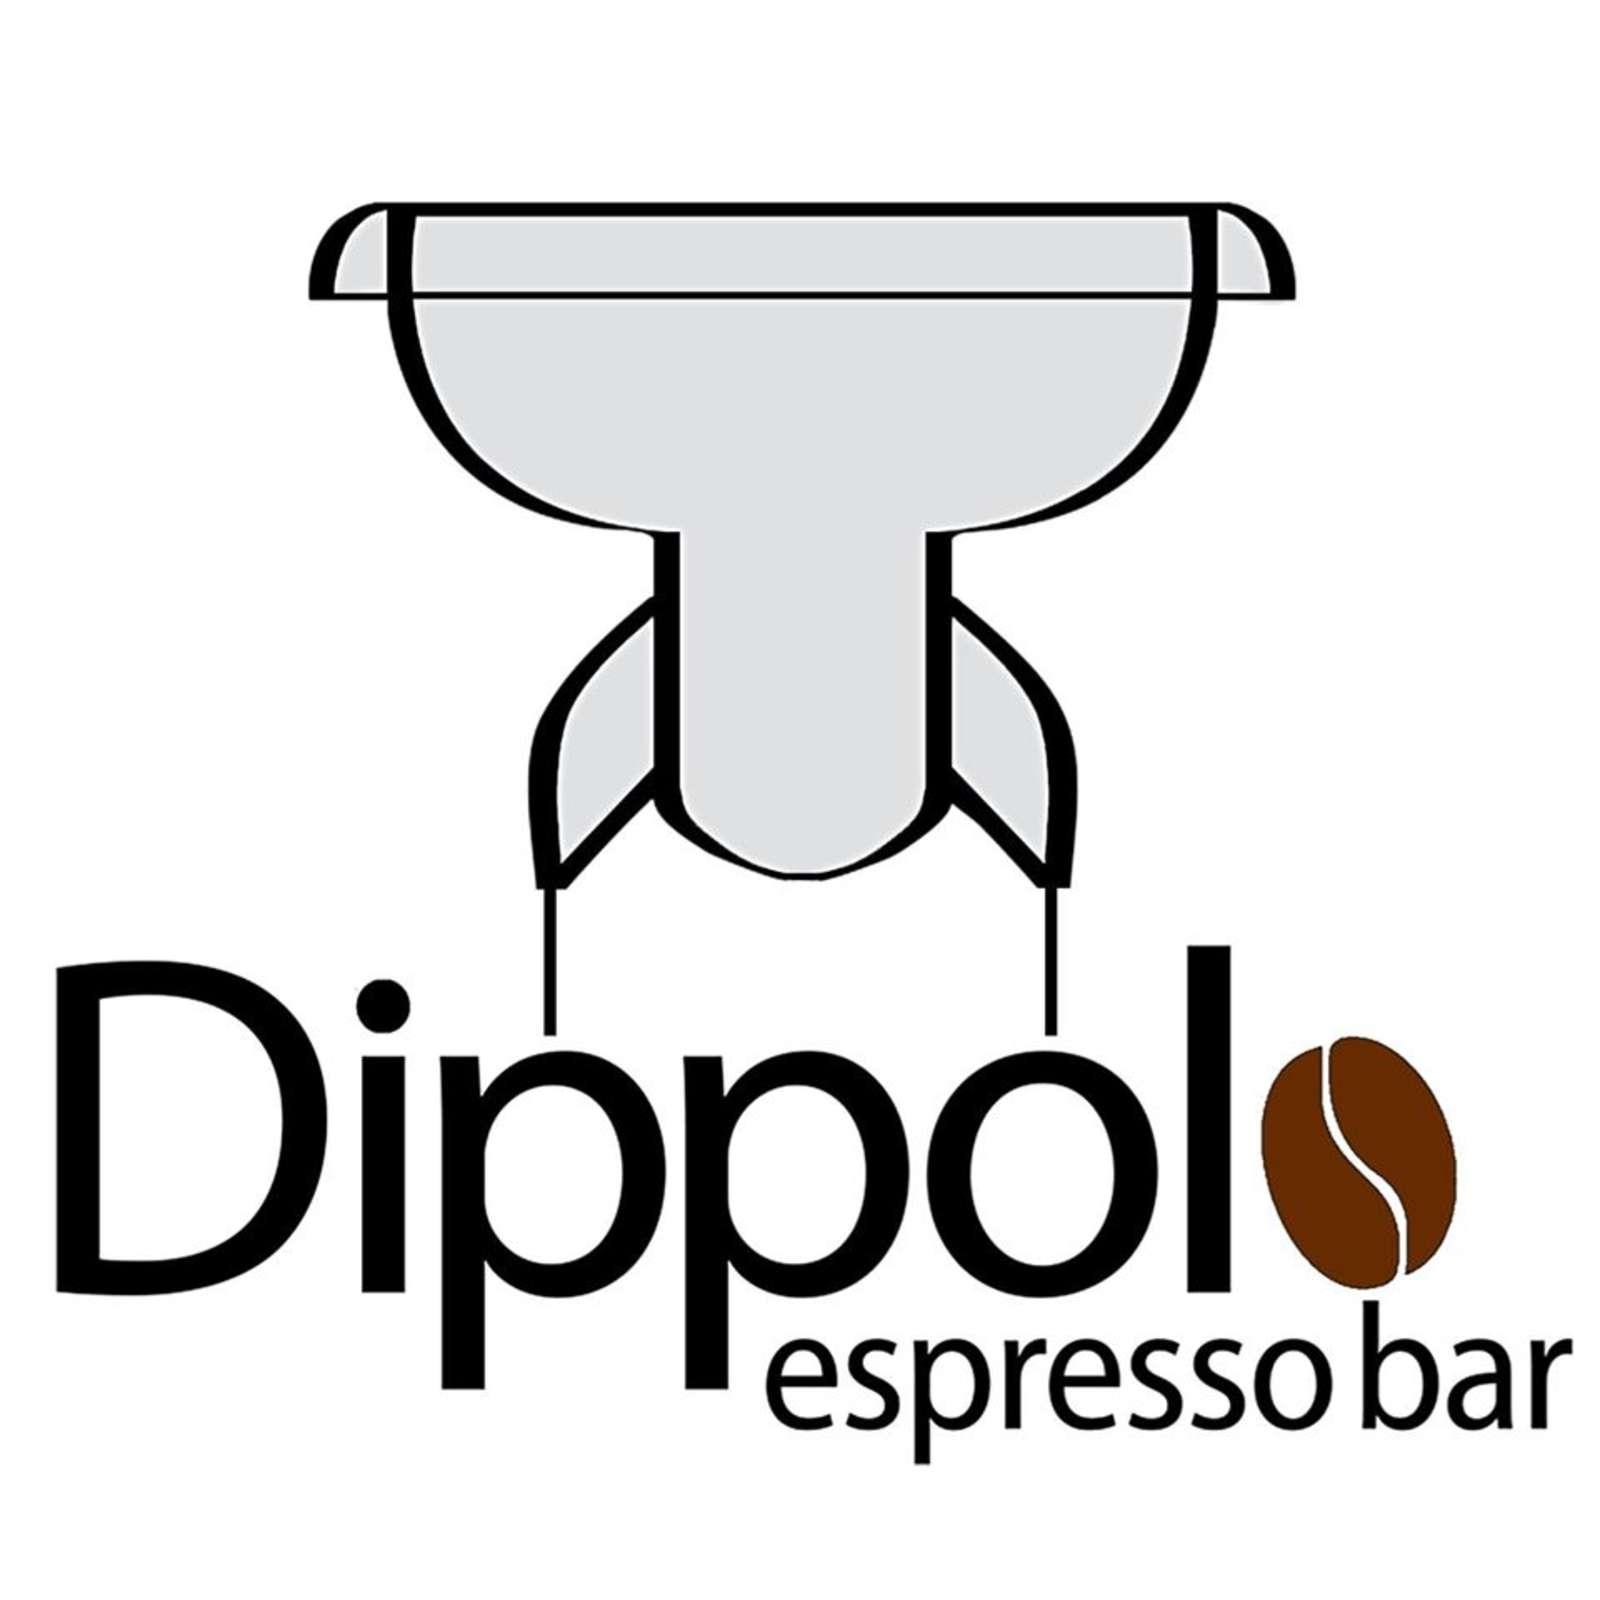 Dippolo Espresso Bar